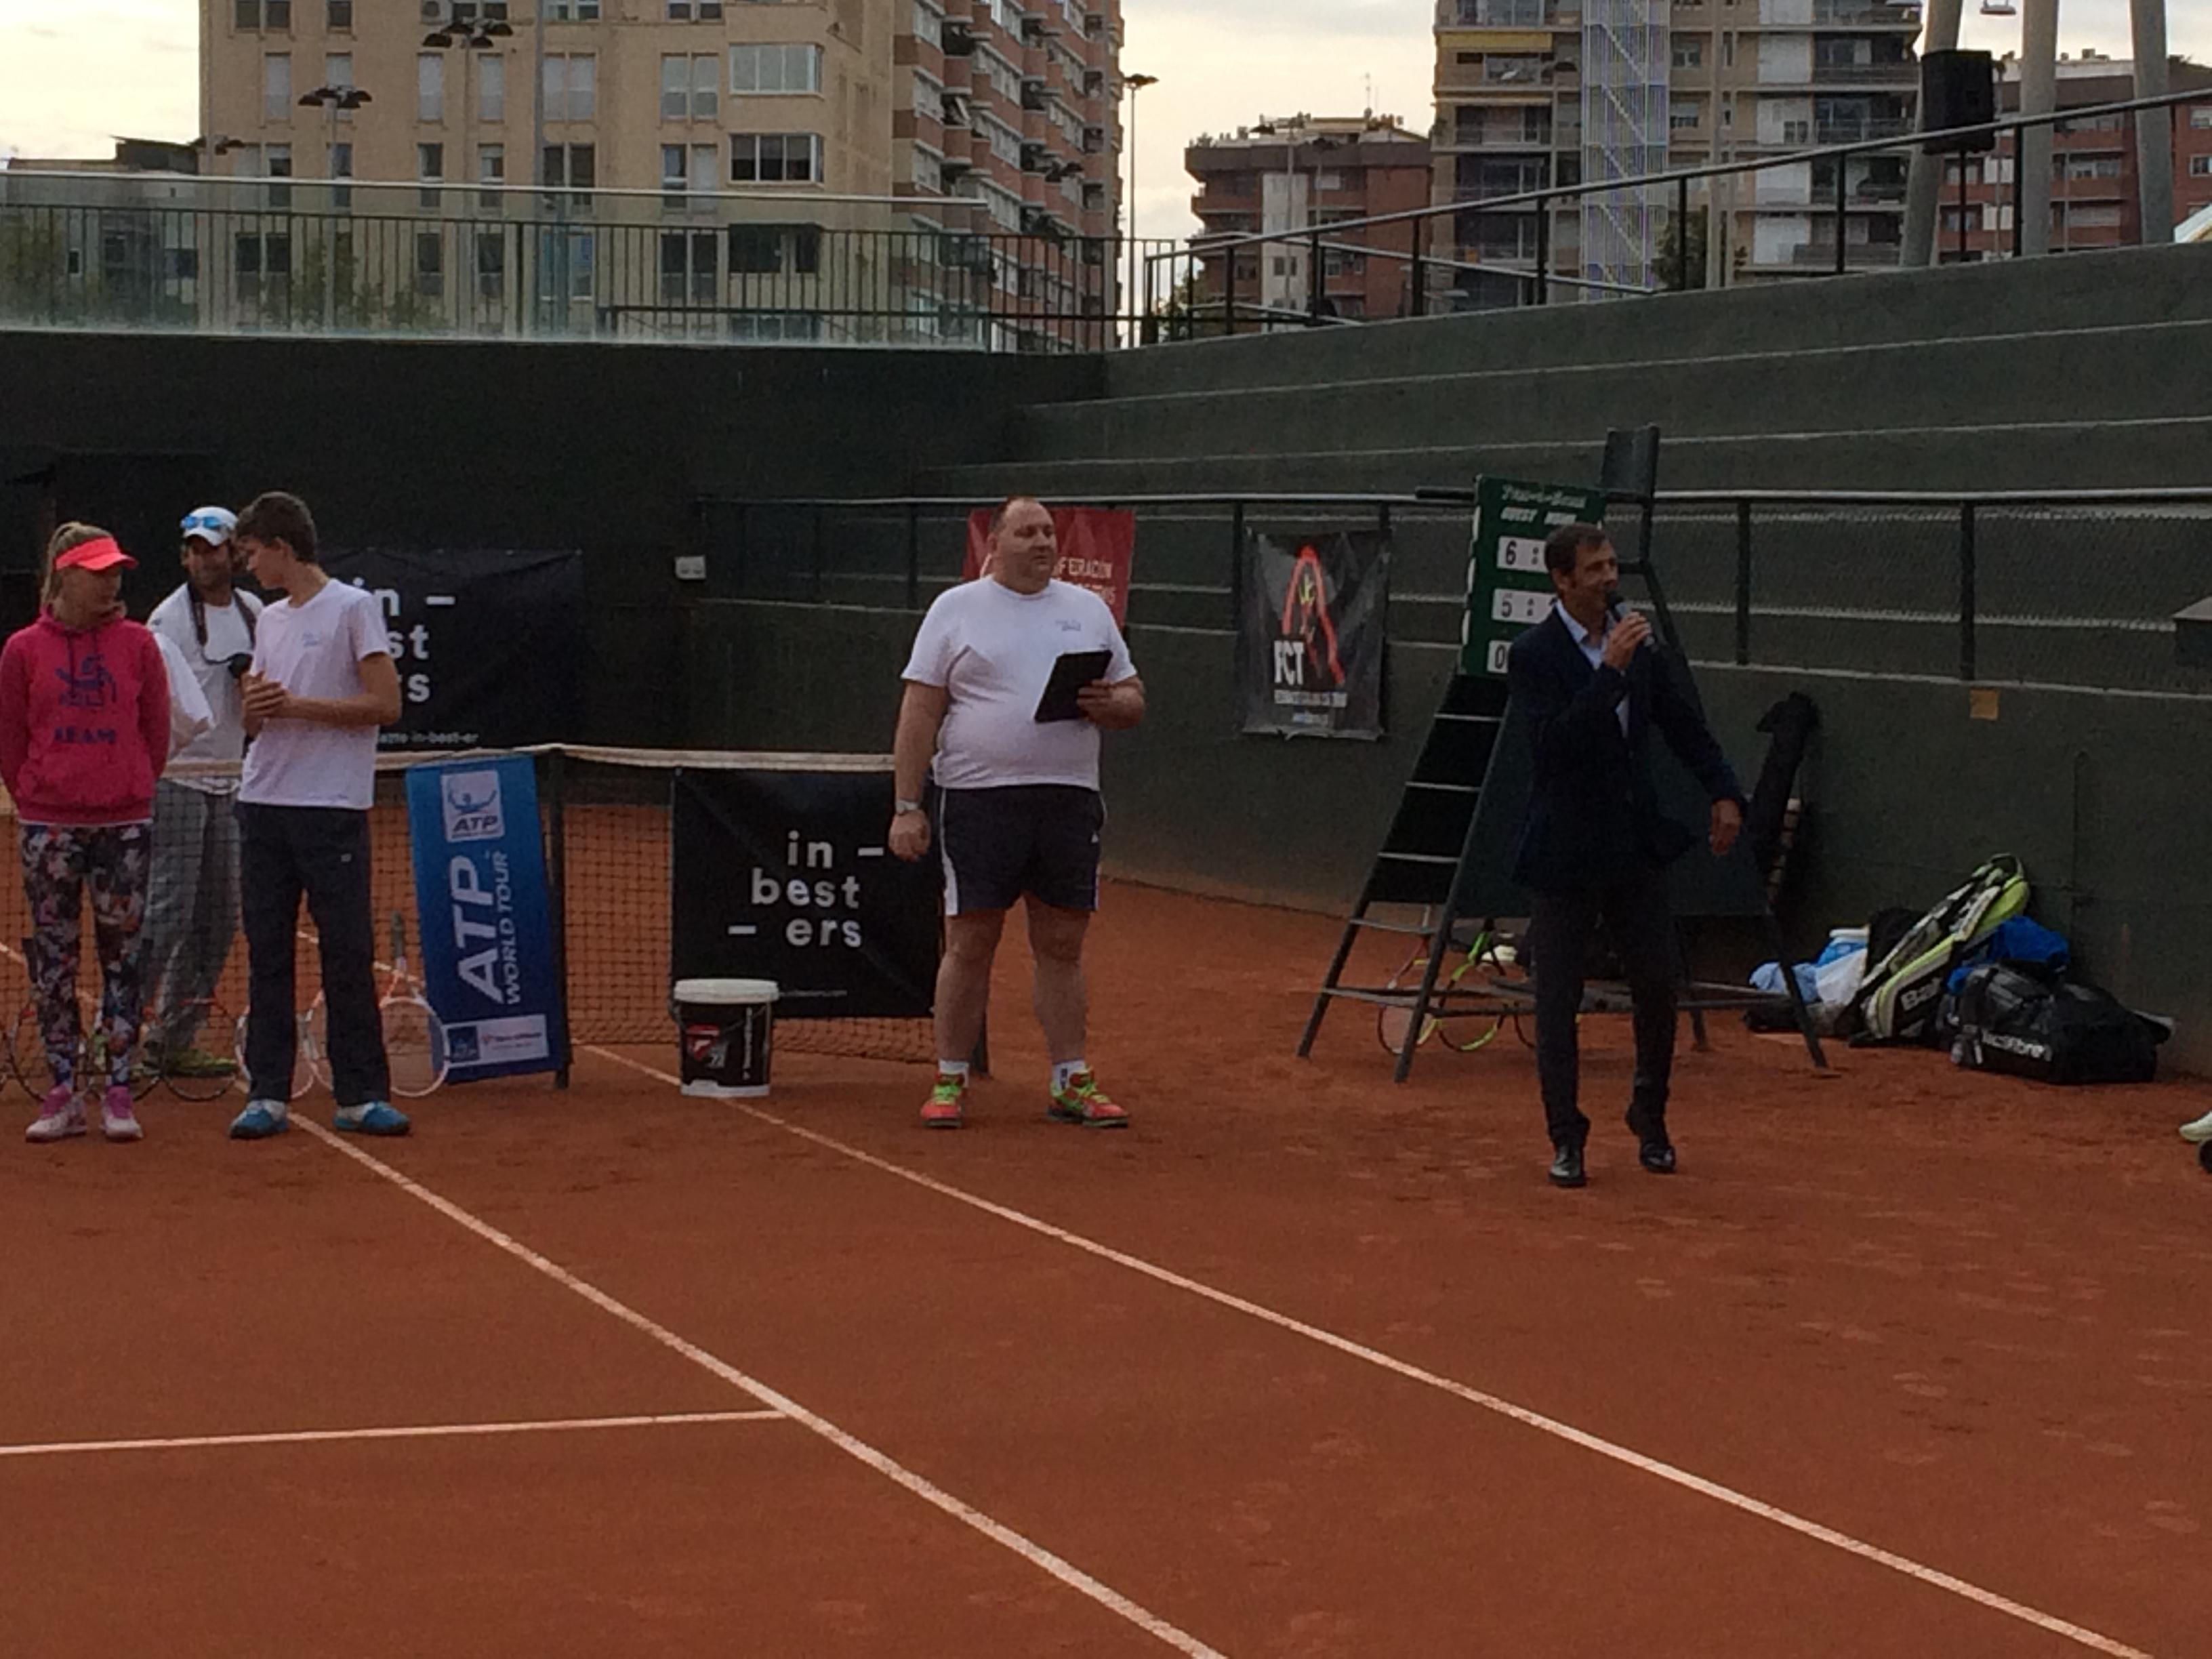 Presentada l'Escola per a discapacitats visuals de la Federació Catalana de Tennis